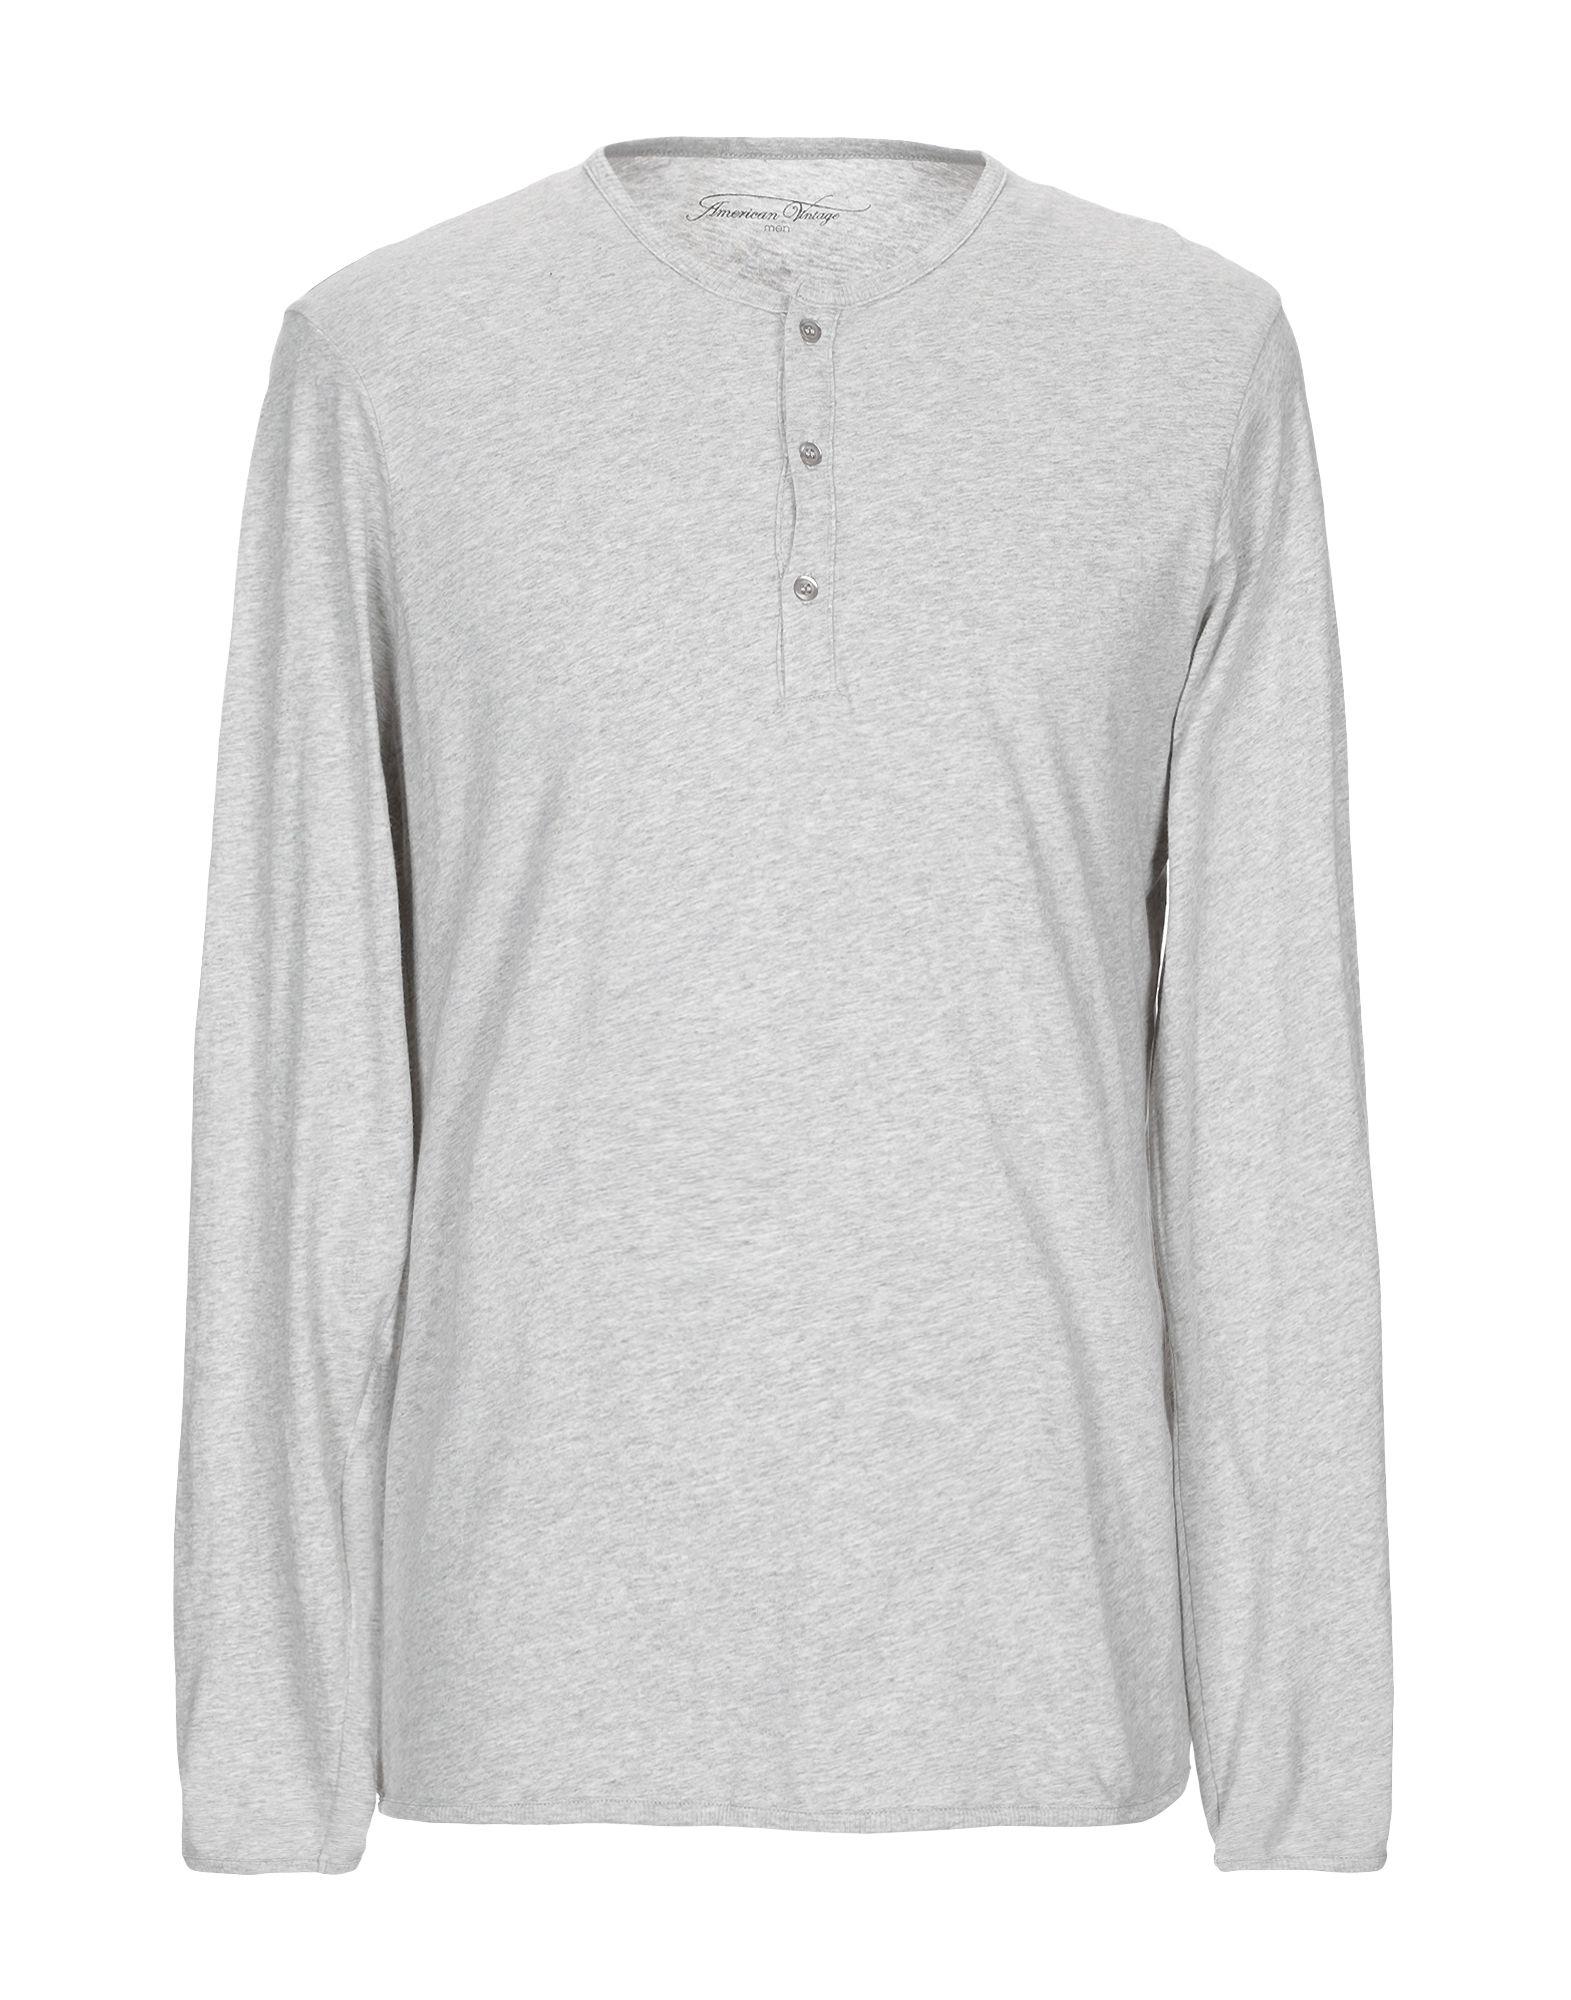 T-Shirt American Vintage herren - 12304596PE